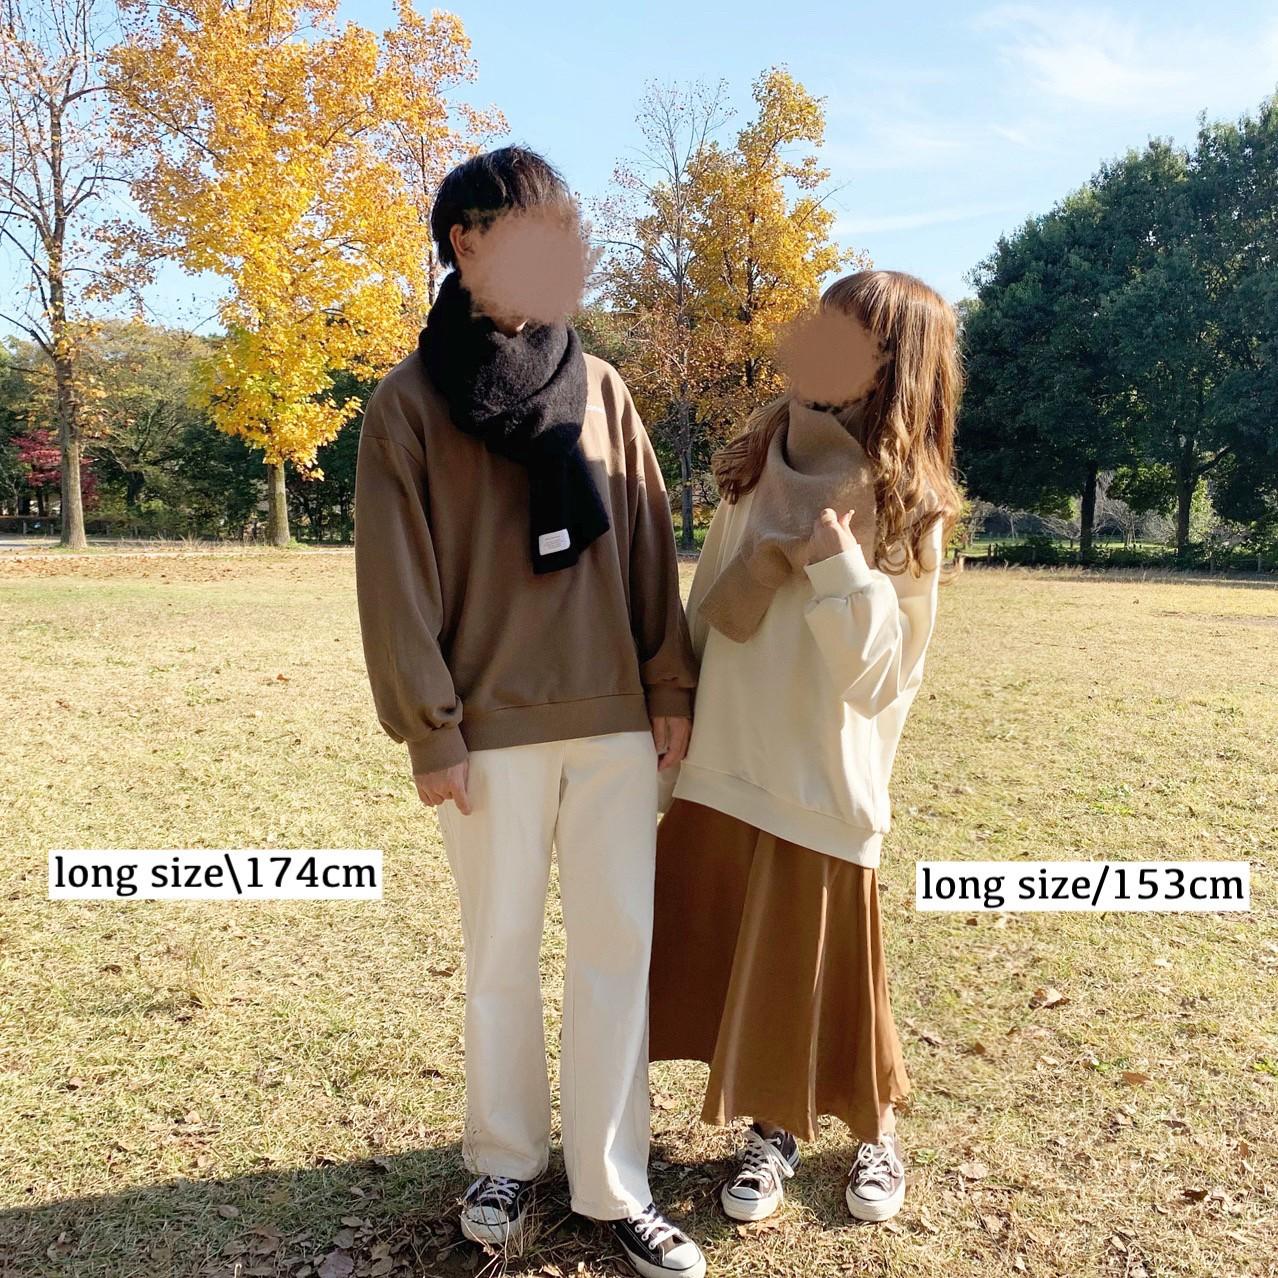 ロゴスウェット/long size